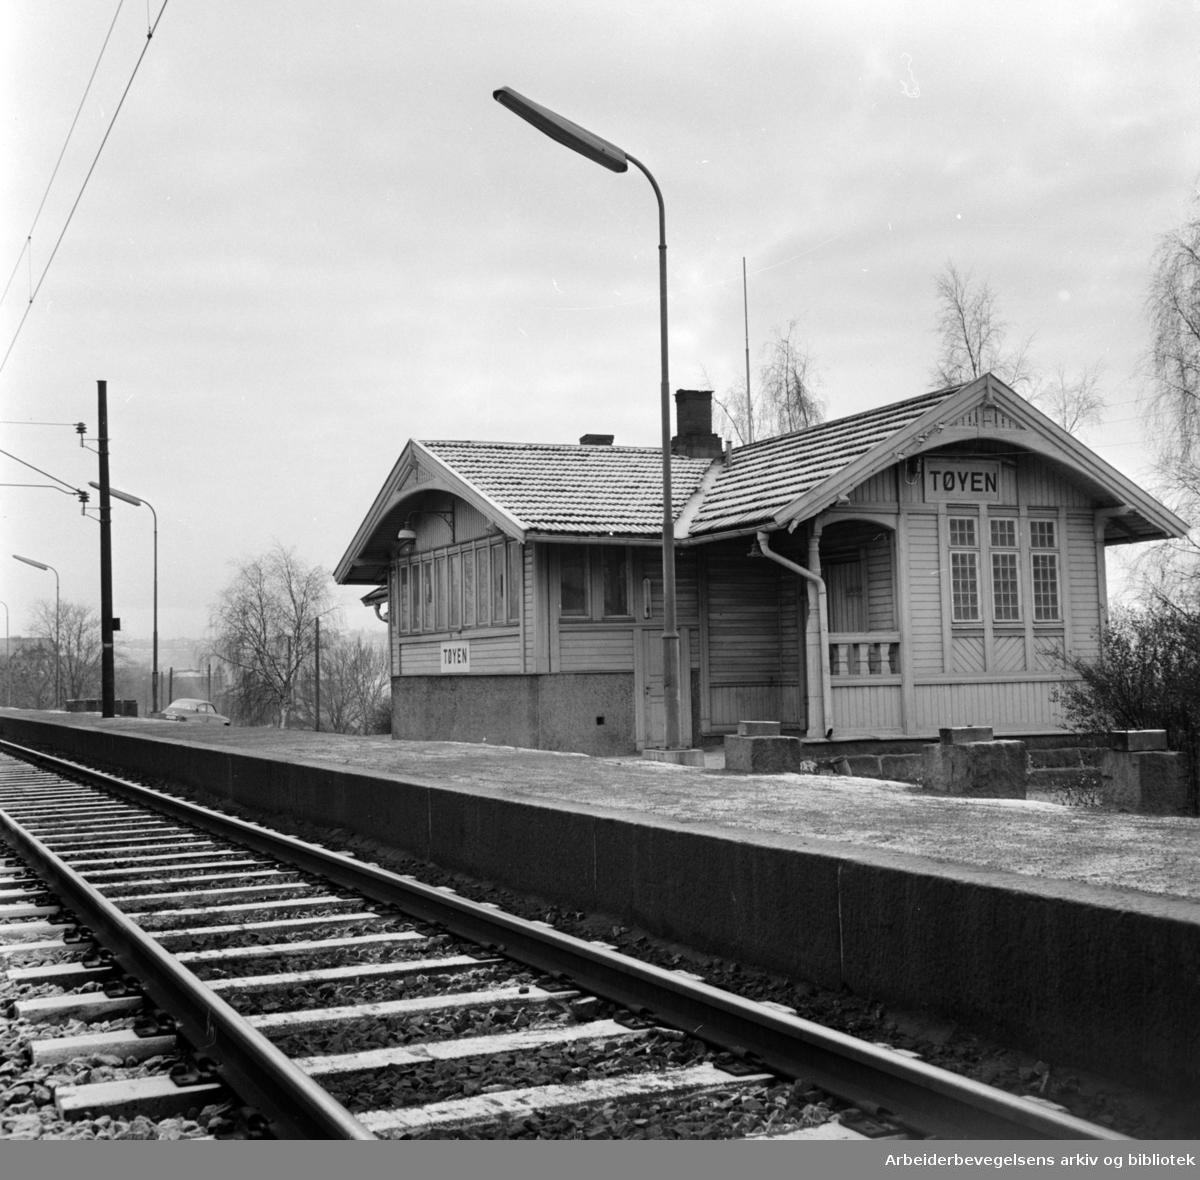 Tøyen stasjon. Stasjon selges til høystbydende. November 1965